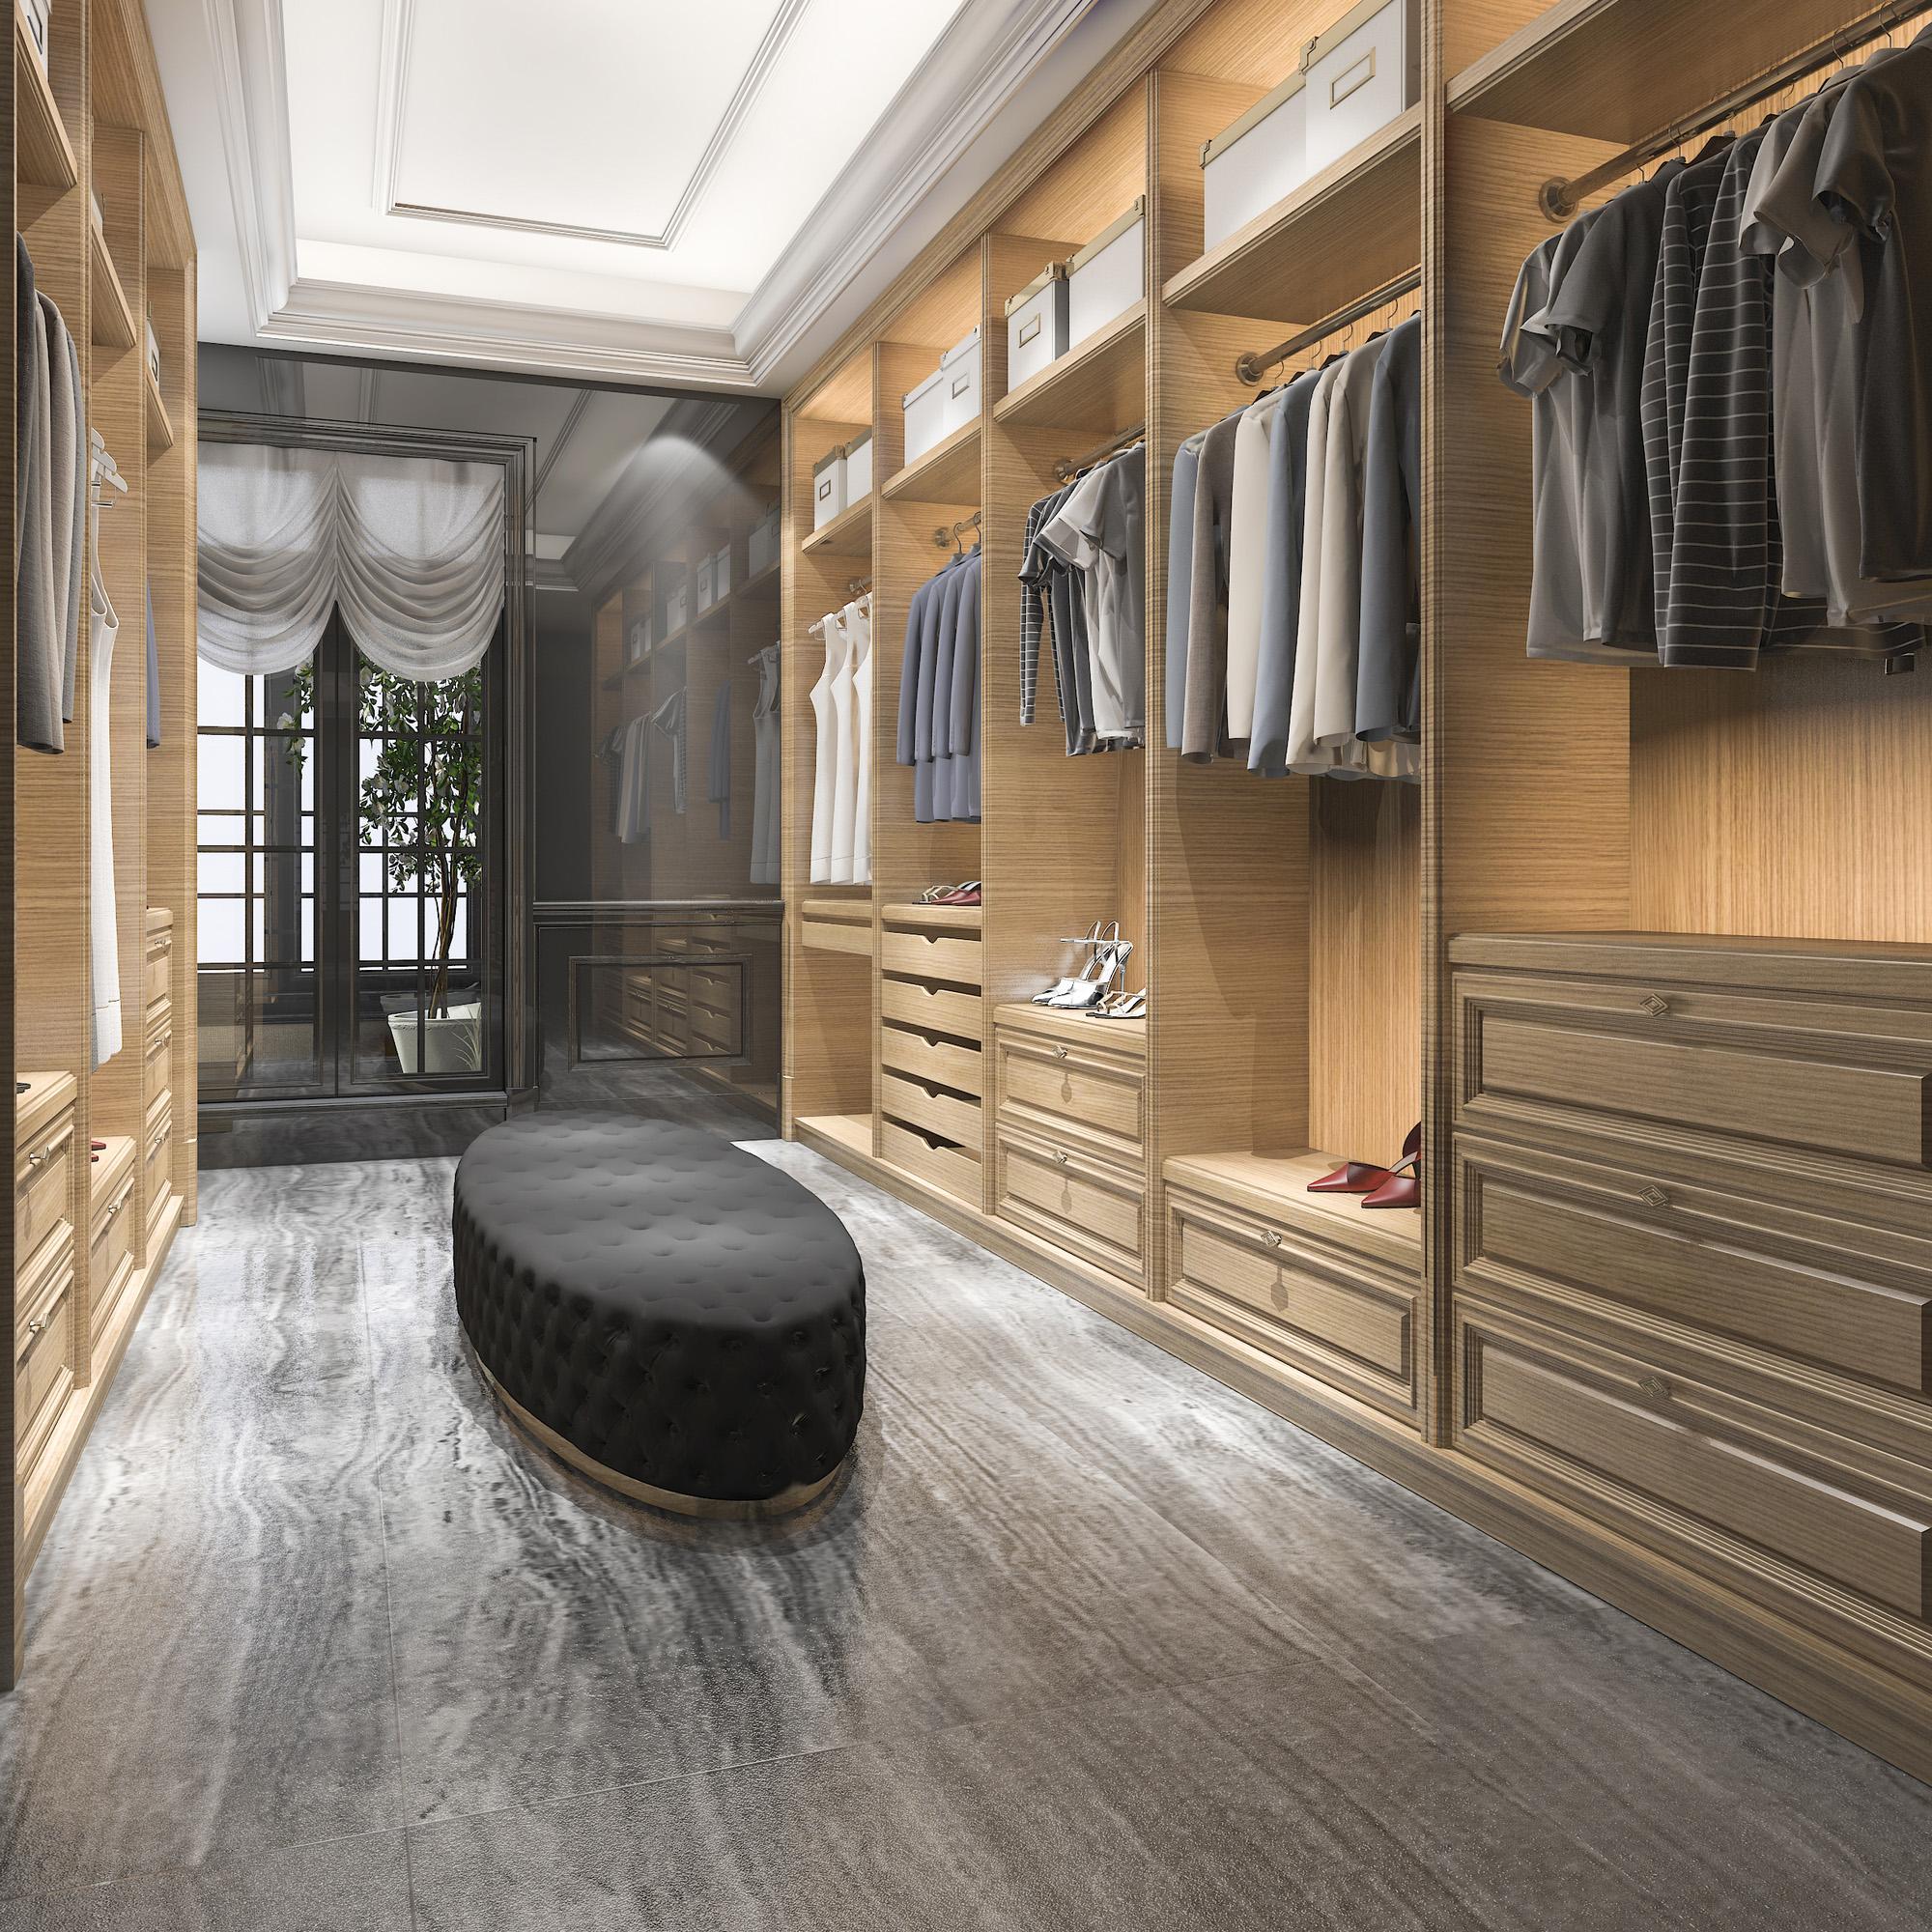 walk in wardrobes, open wardrobe storage solution, fitted wardrobes